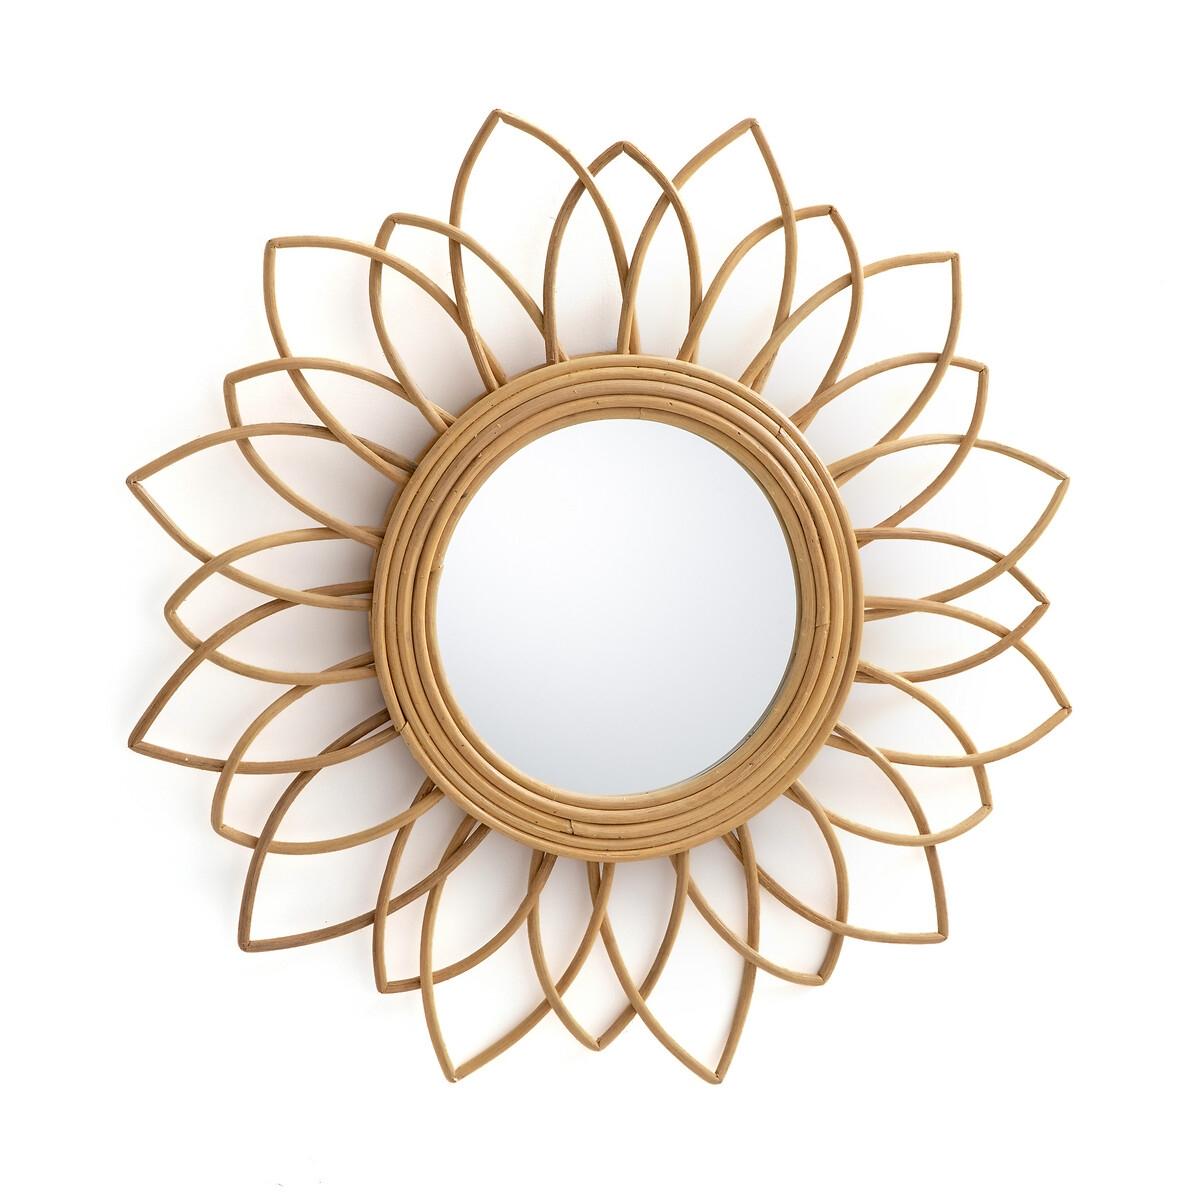 Зеркало La Redoute Из ротанга в форме цветка см Nogu единый размер бежевый корзина la redoute из ротанга x в см zelia единый размер бежевый